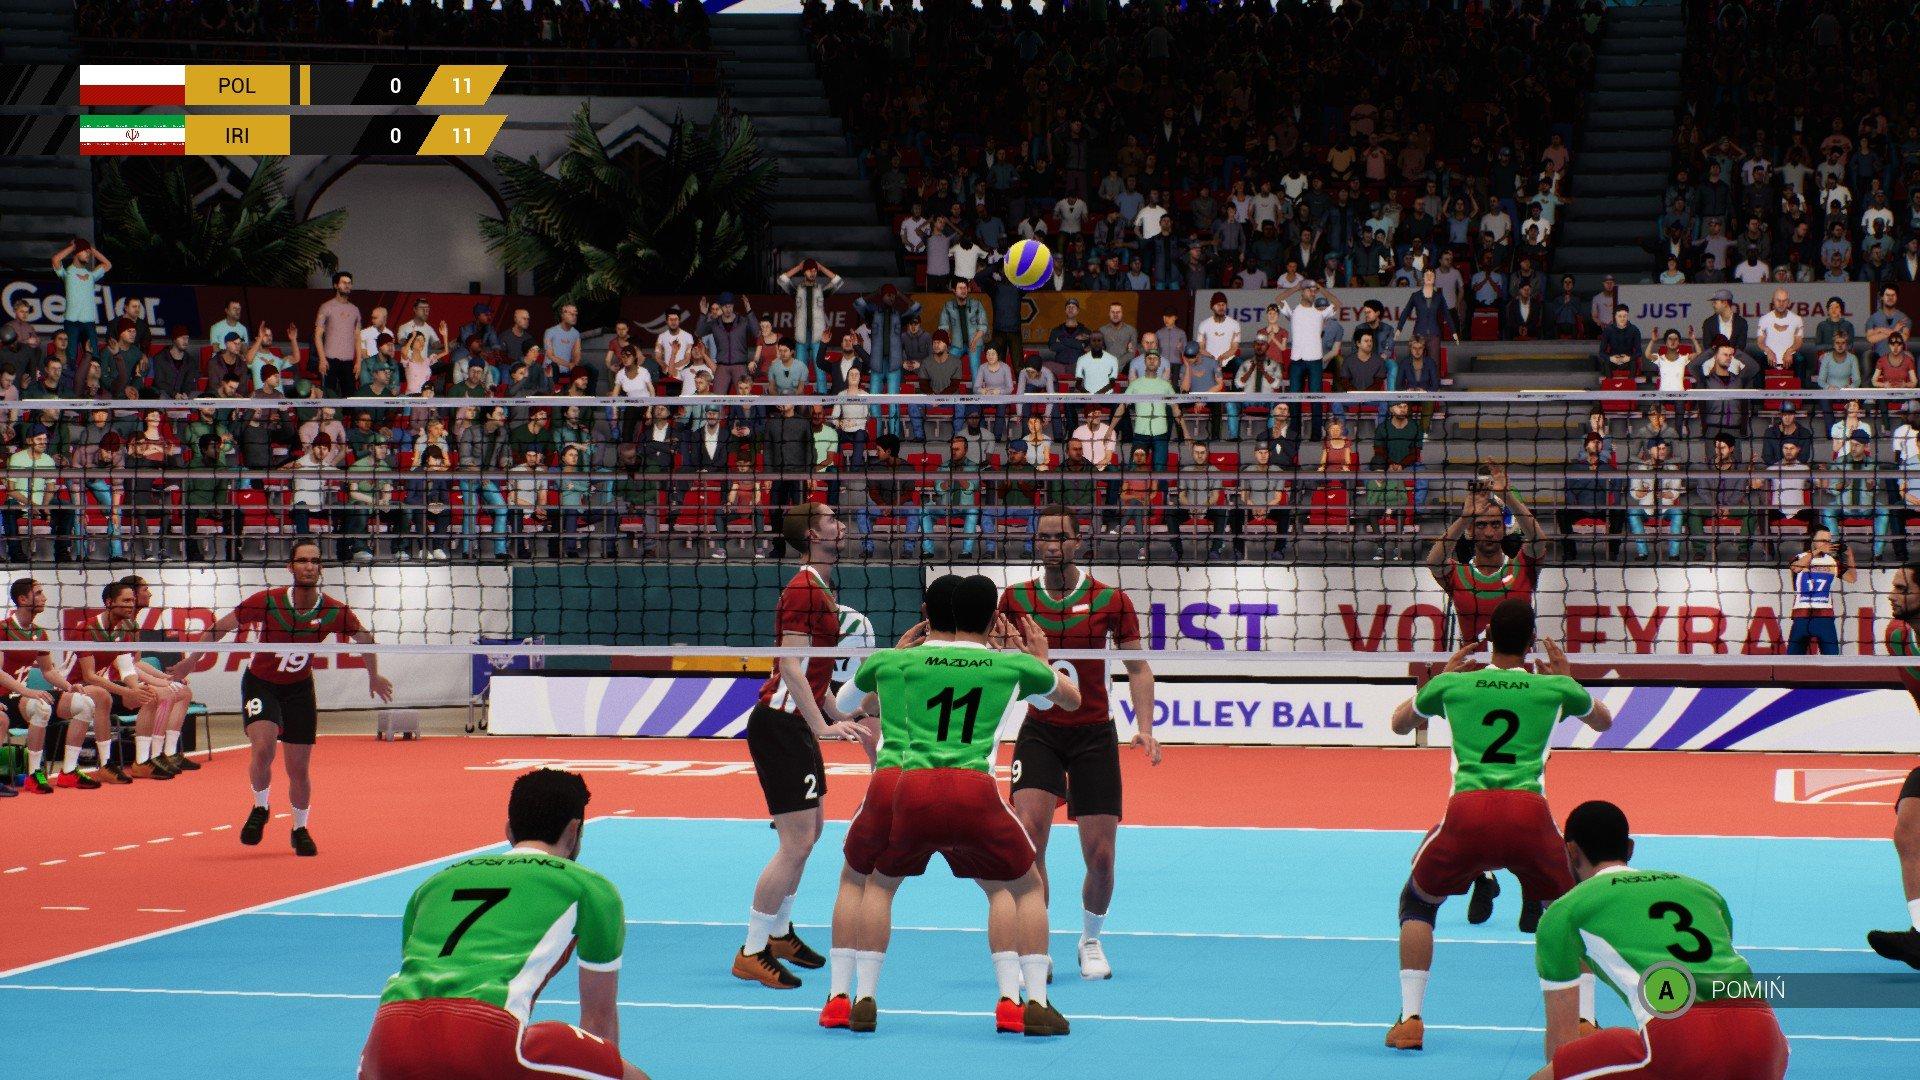 Spike Volleyball Screen (1)